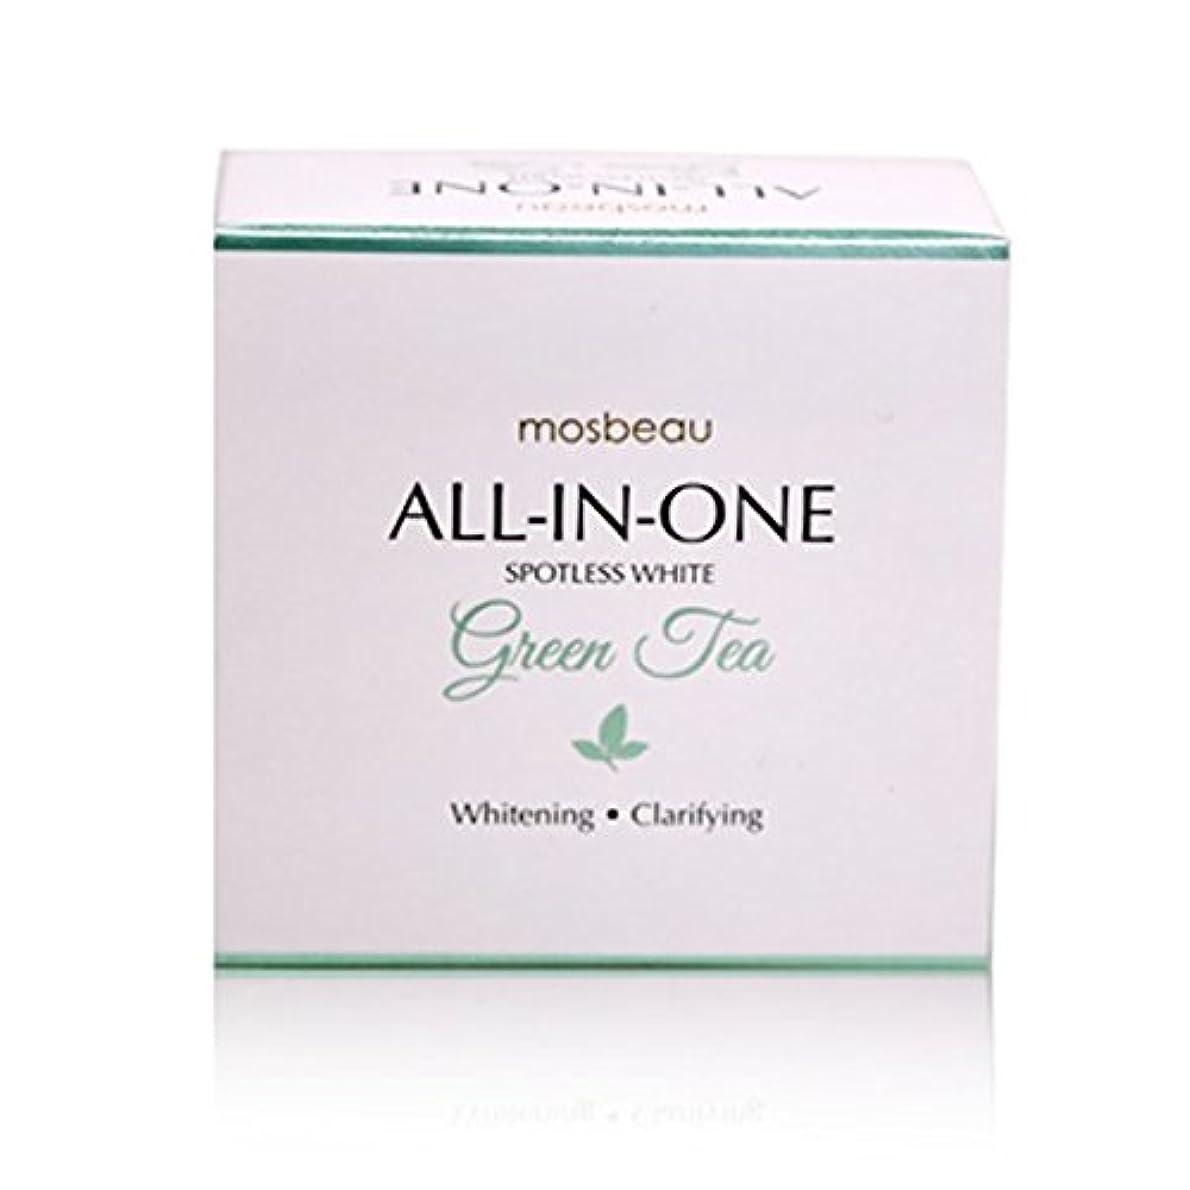 文献できれば王子mosbeau Spotless White GREEN TEA Facial Soap 100g モスビュー スポットレス ホワイト グリーンティー フェイシャル ソープ